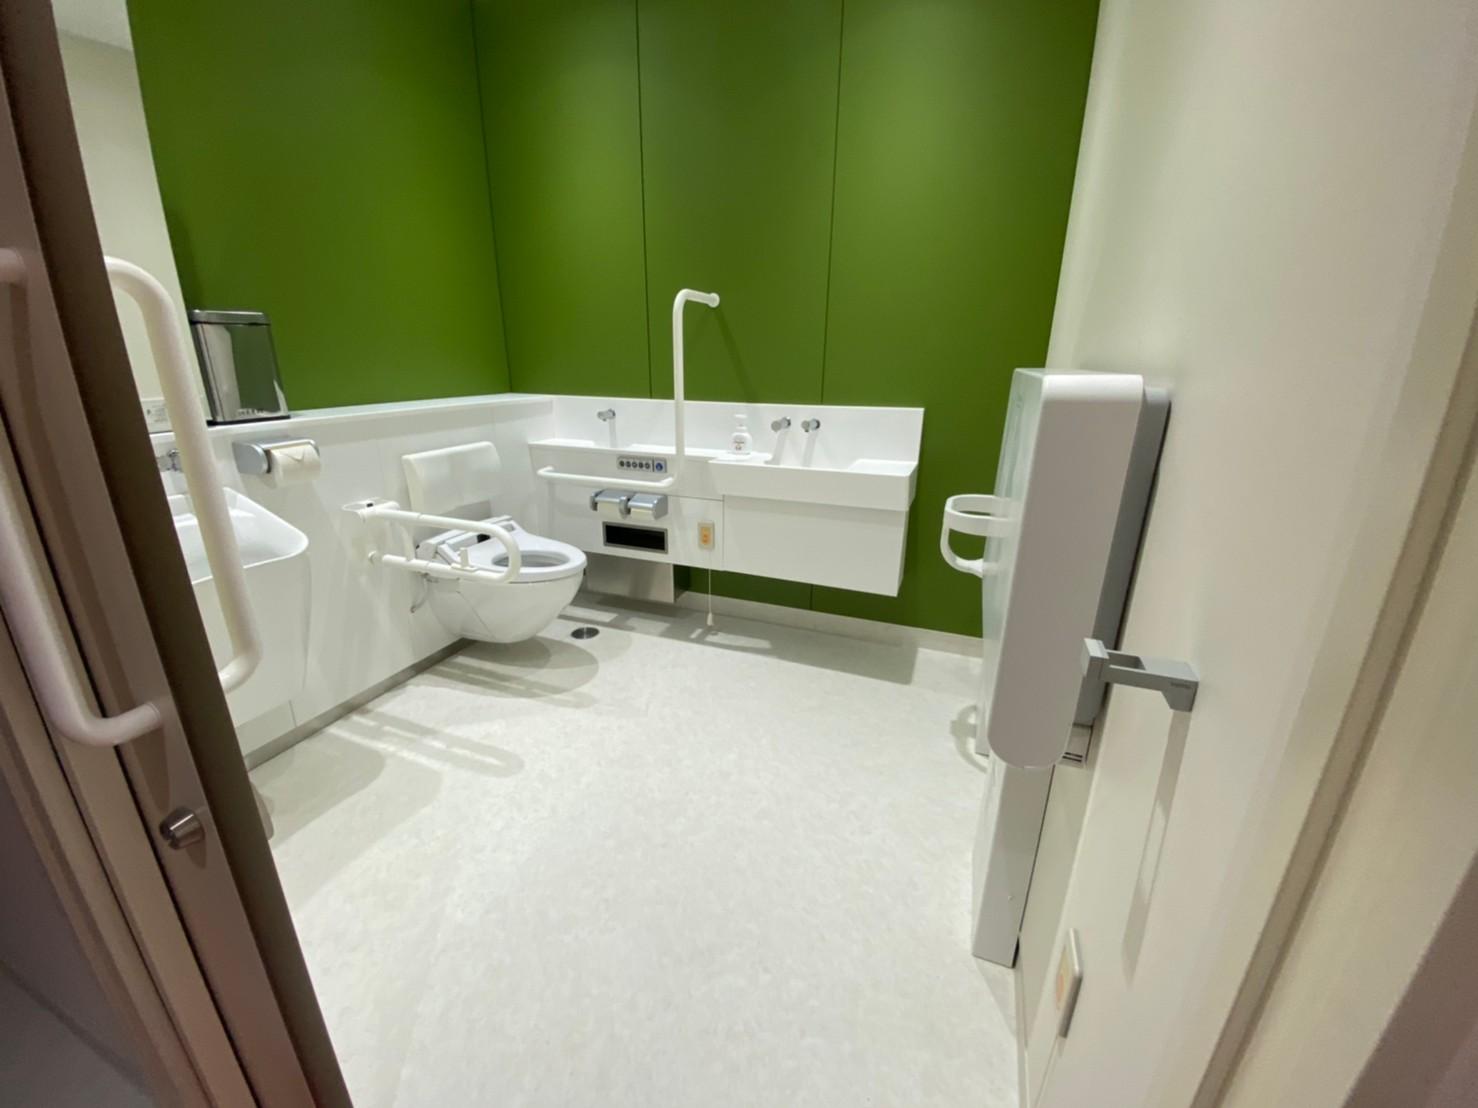 多目的トイレ2。標準的な広さの多目的トイレです